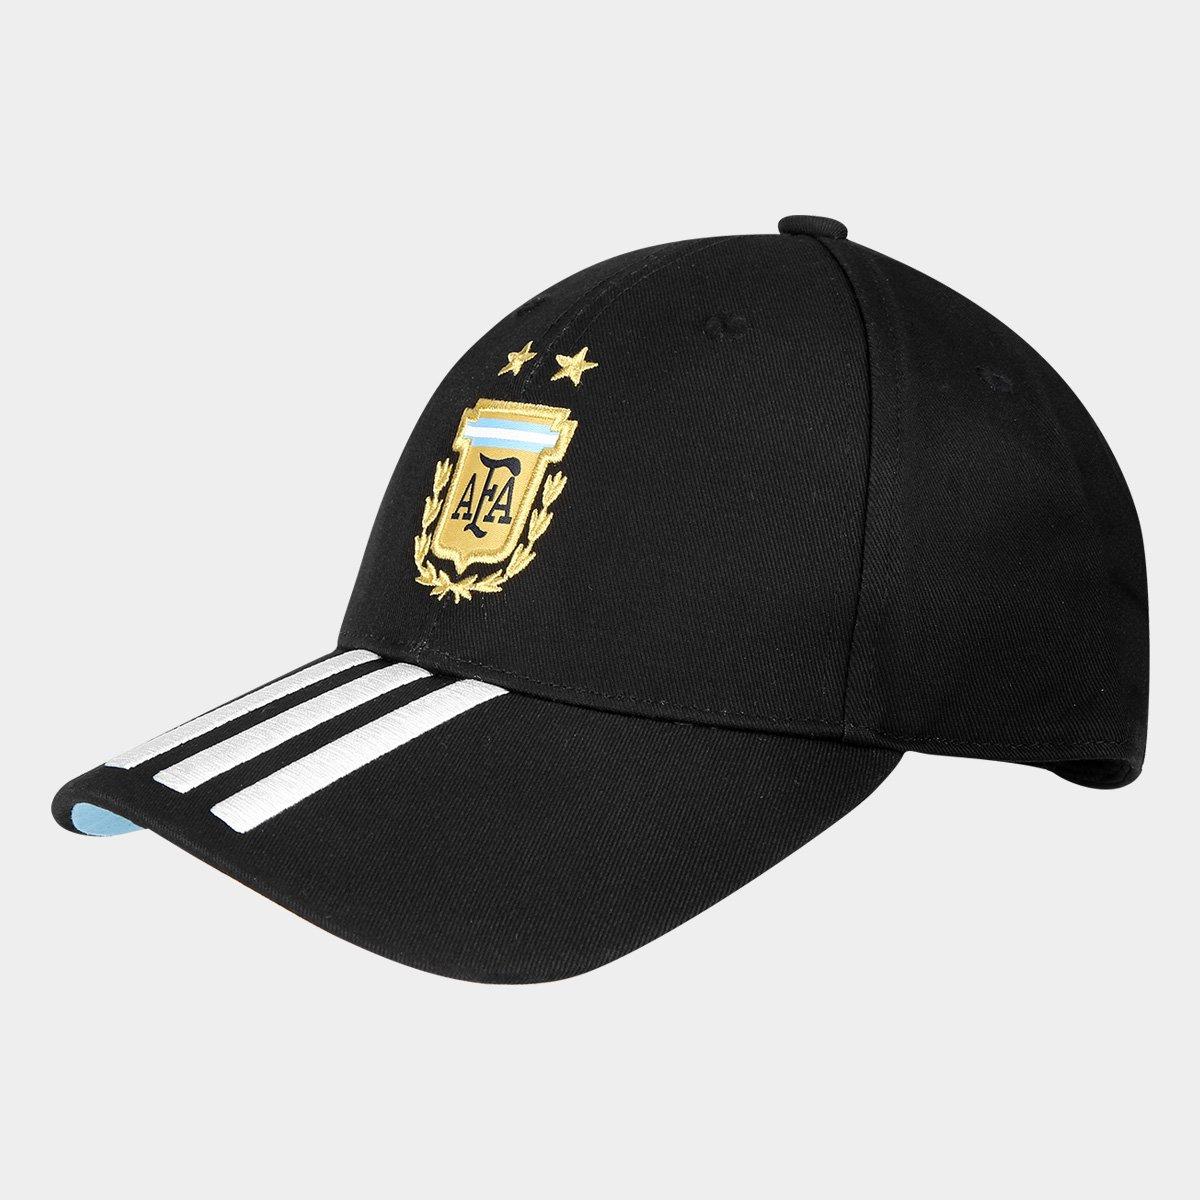 e41f95f9254d0 Boné Adidas Argentina 3 Stripes Aba Curva - Preto e Branco - Compre Agora